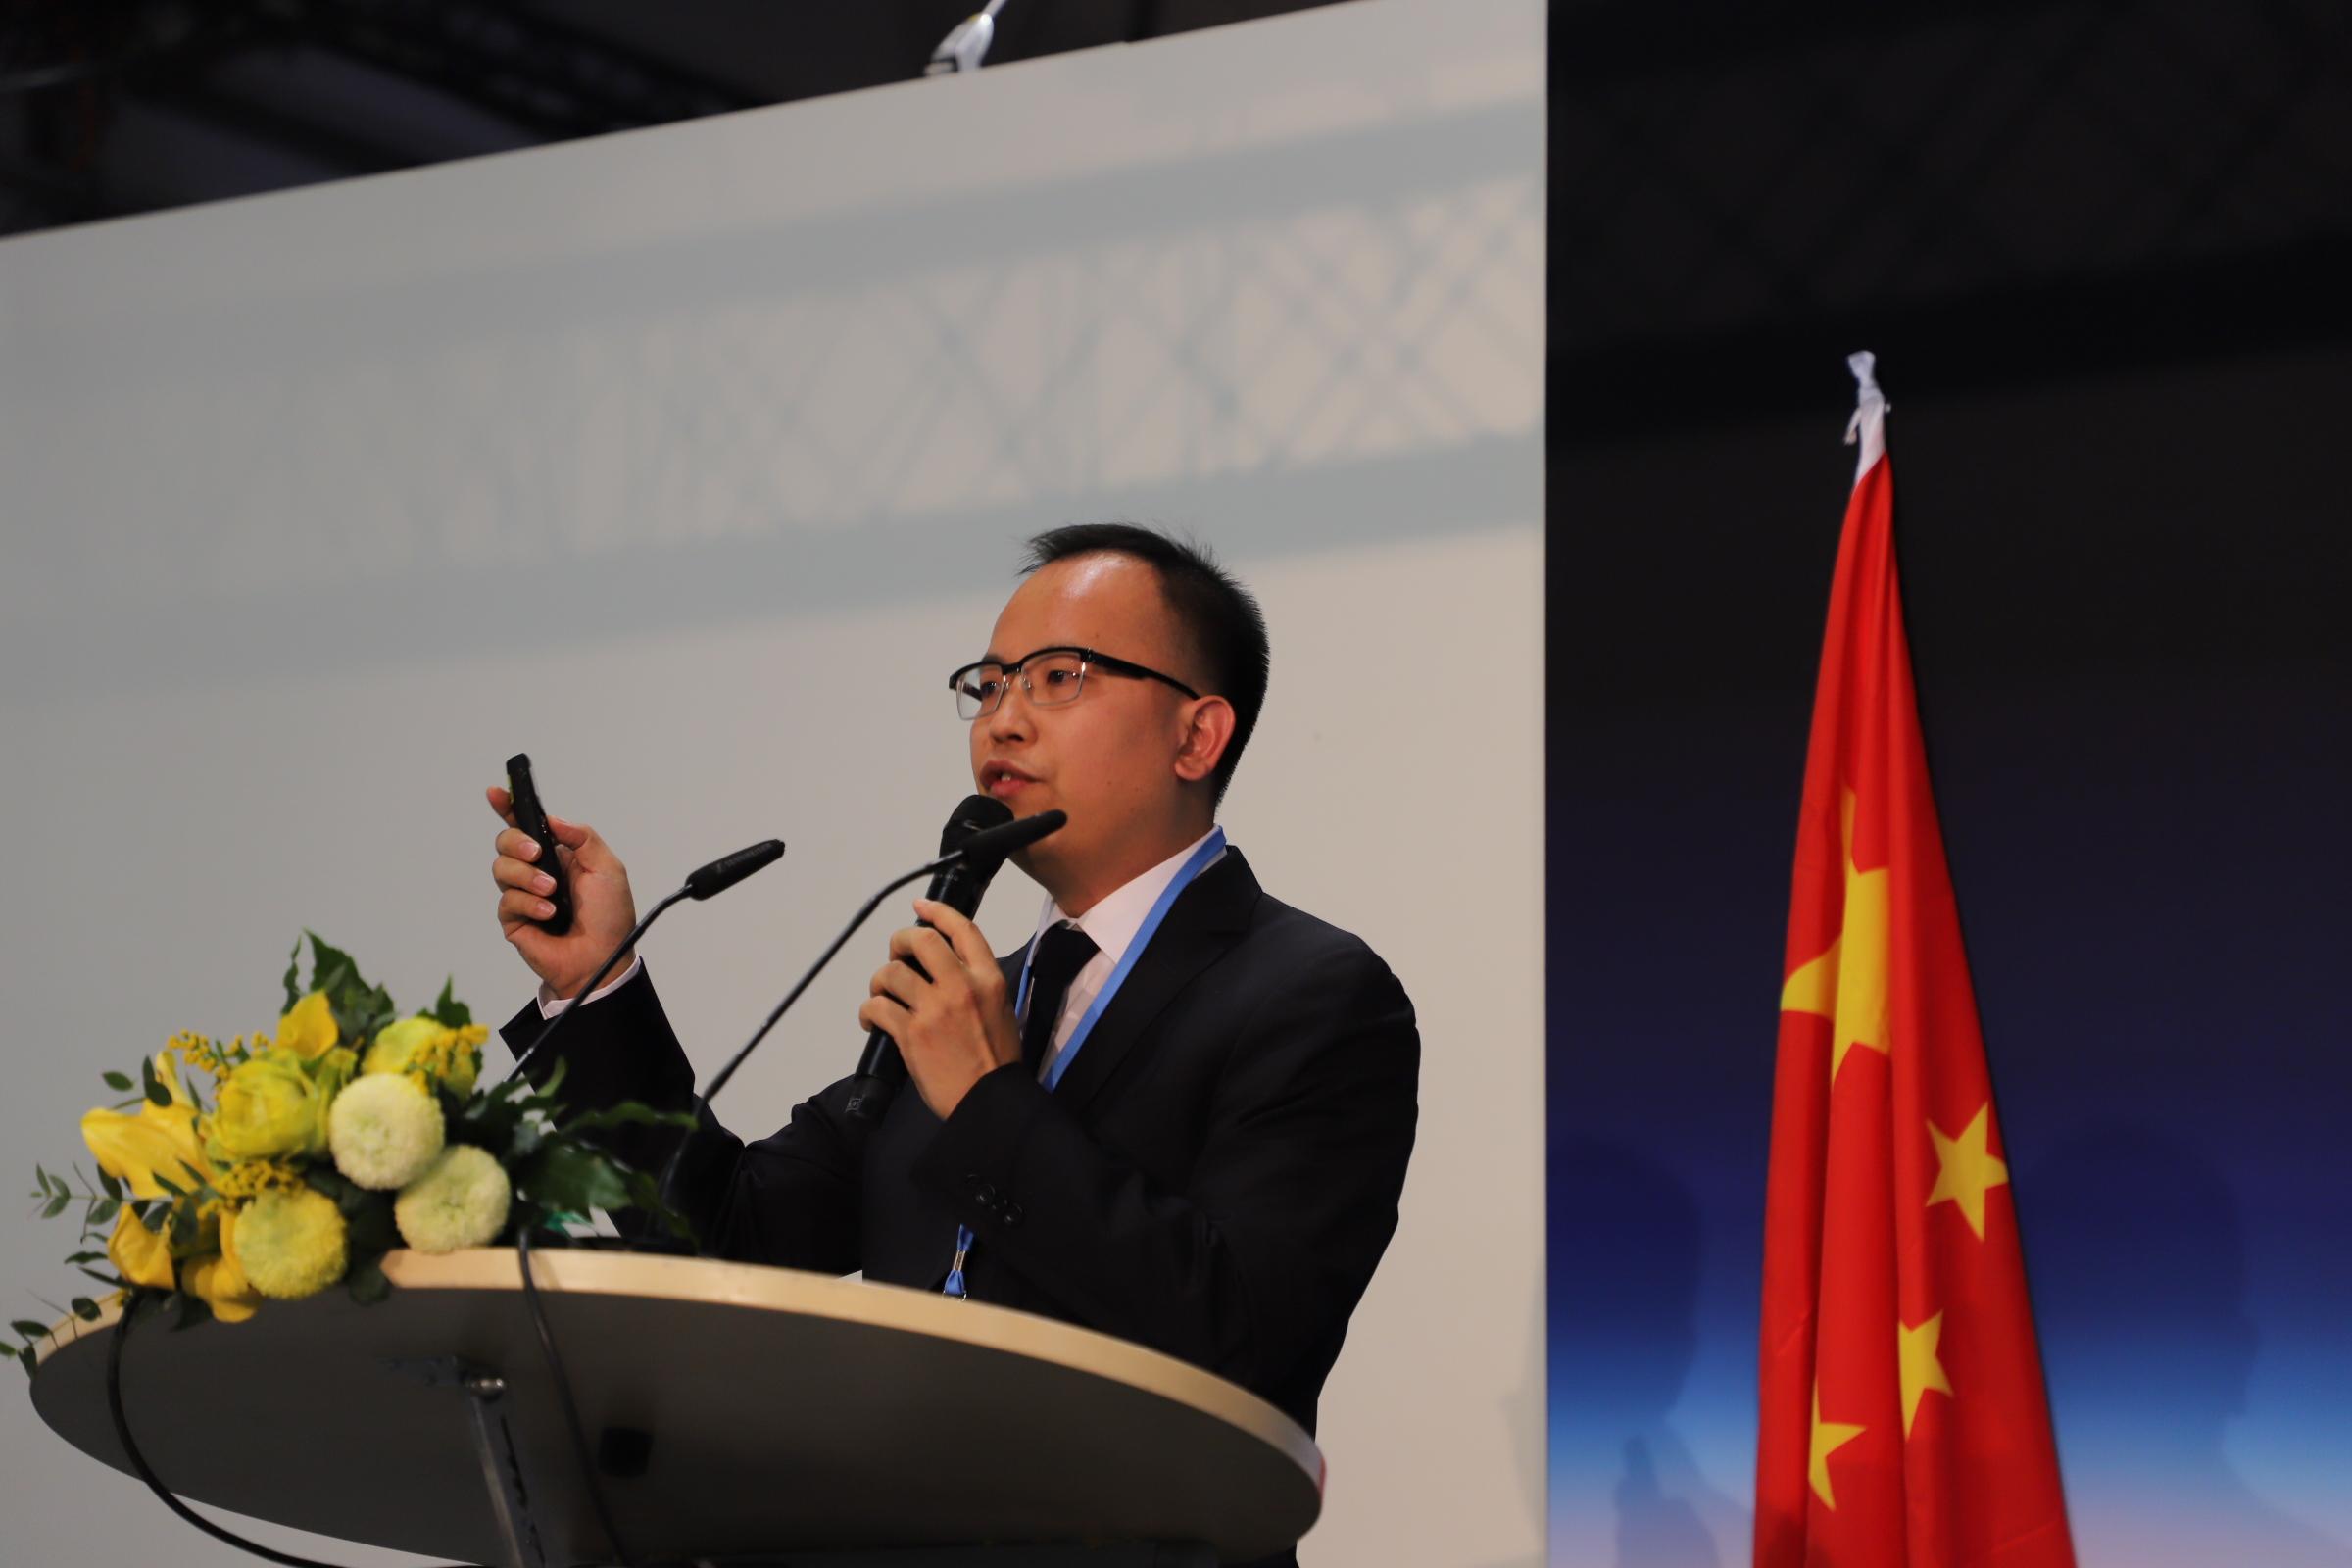 联合国气候大会——名厨磁电董事长颜定勇演讲